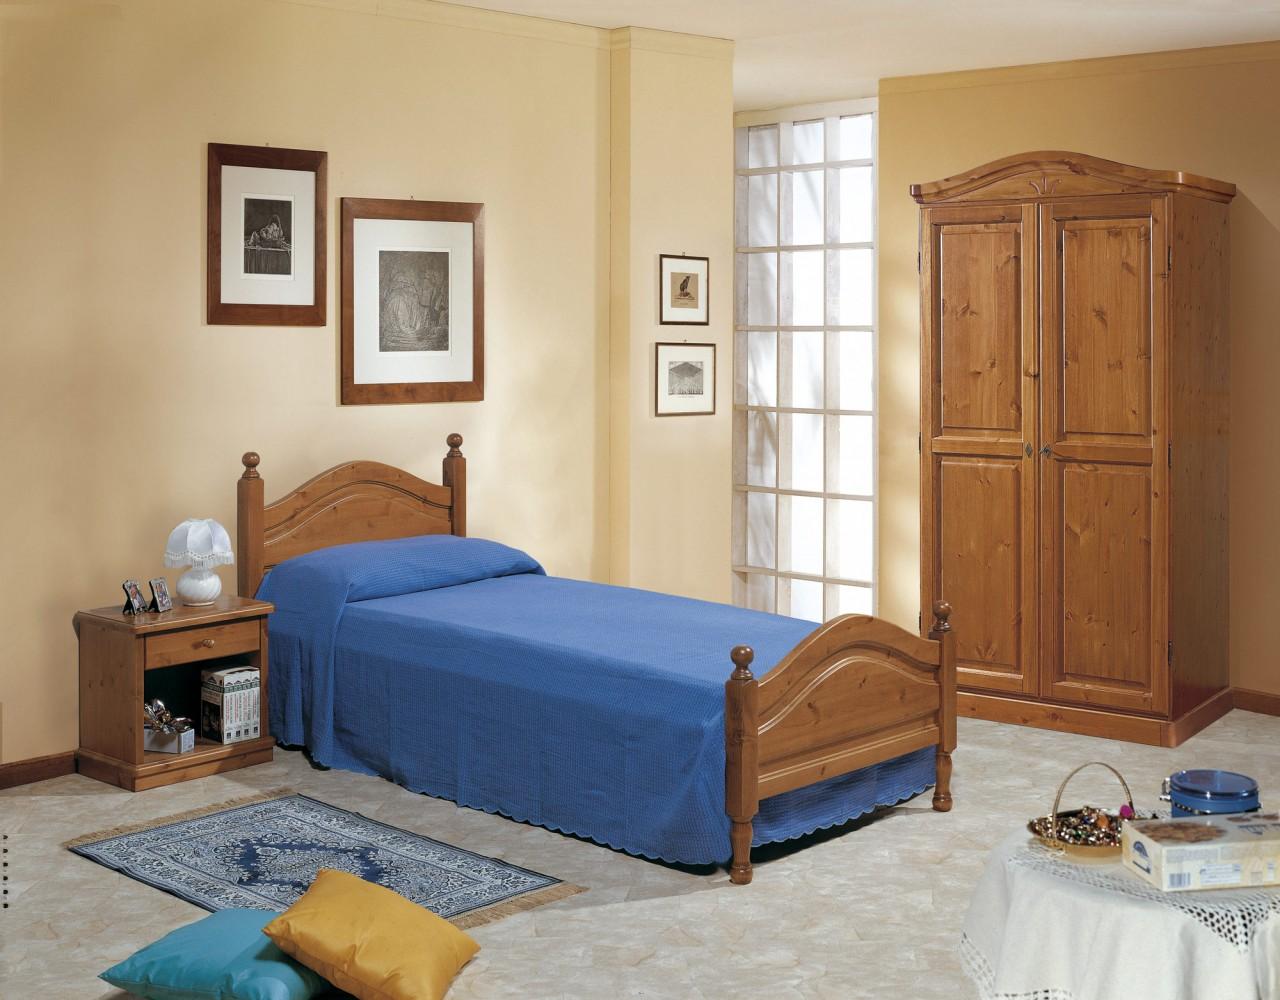 Camere da Letto in pino, Camera Ortisei singola, Arredamenti Rustici